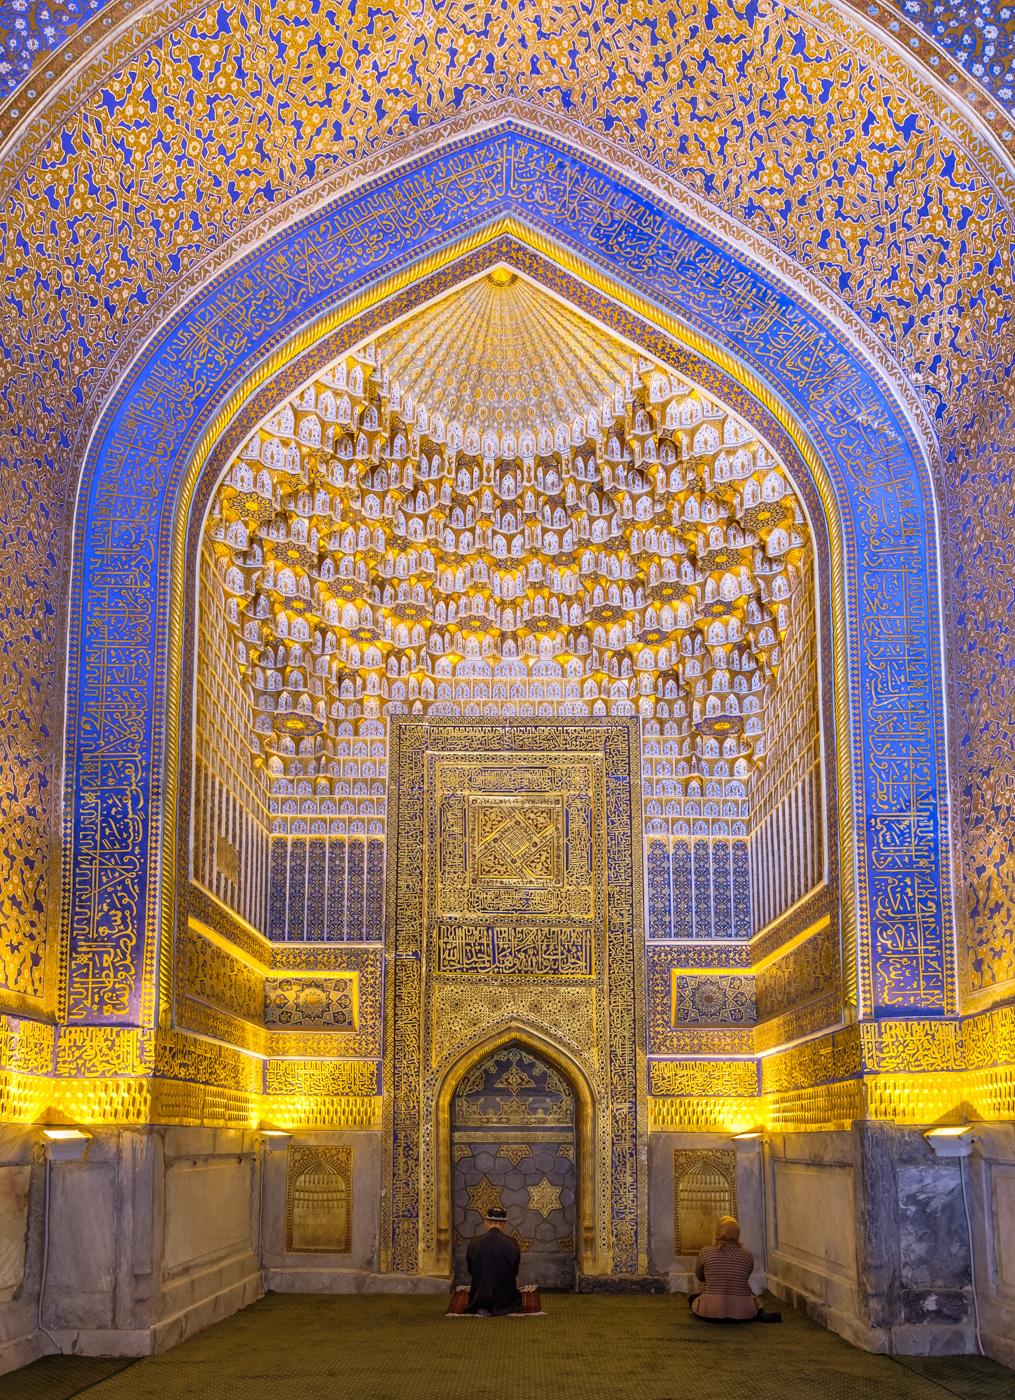 Usbekistan, Zentrum der Seidenstraße - Hauptsaal der Moschee der Tilya-Kori-Medresse.